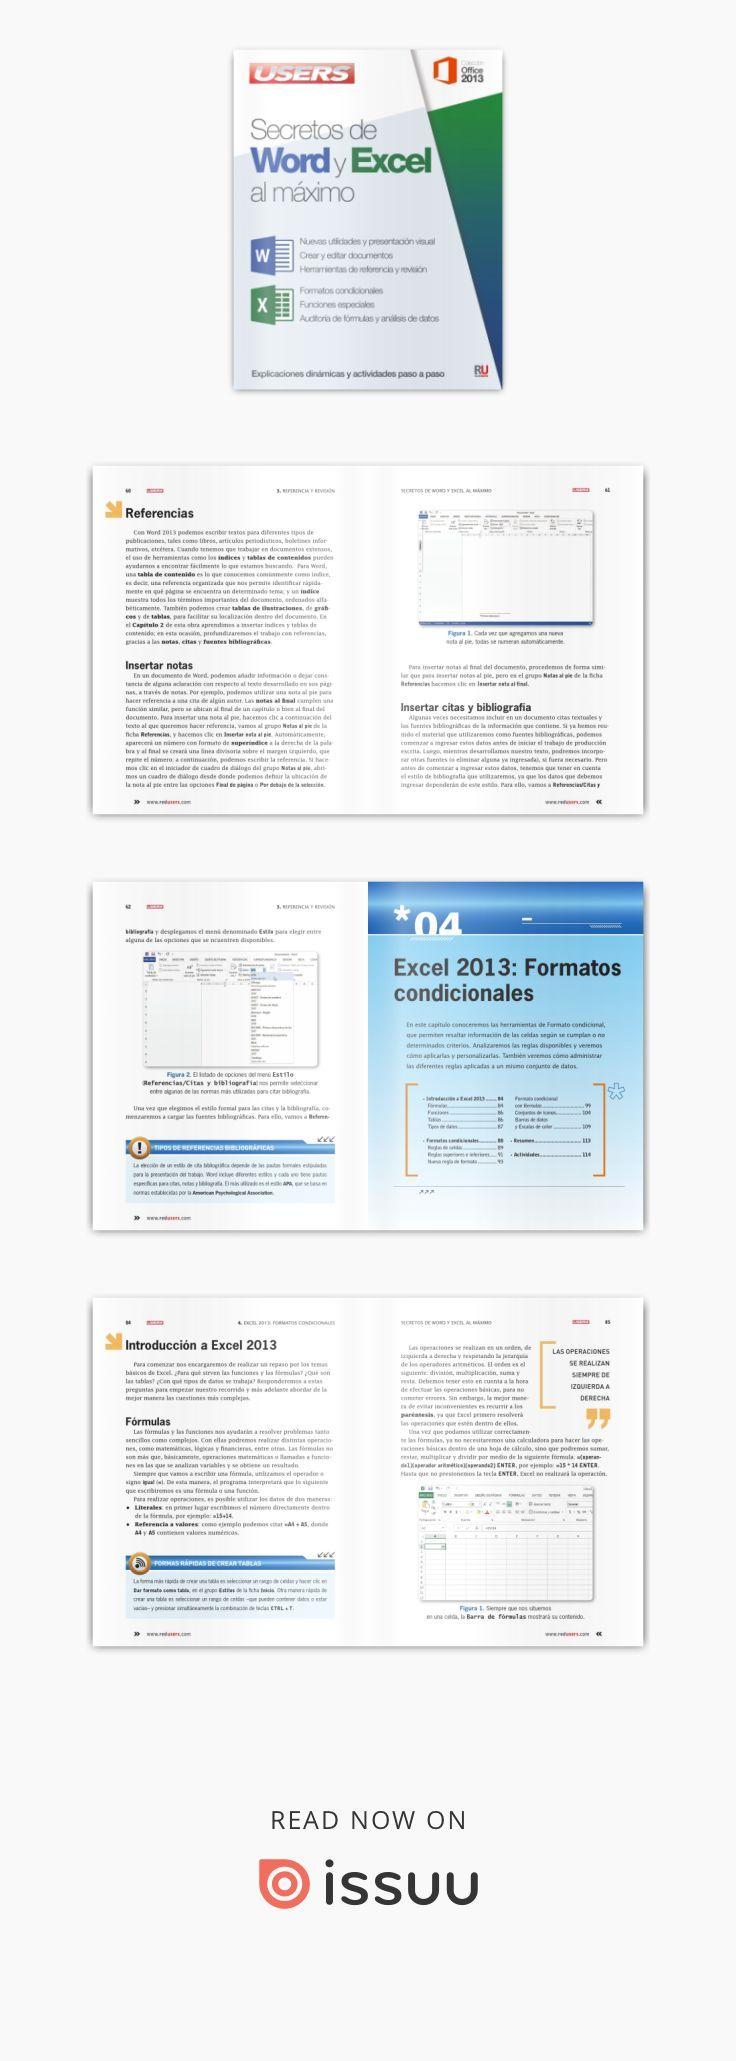 Secretos de word y excel al maximo | DEBERES | Pinterest | Curriculum